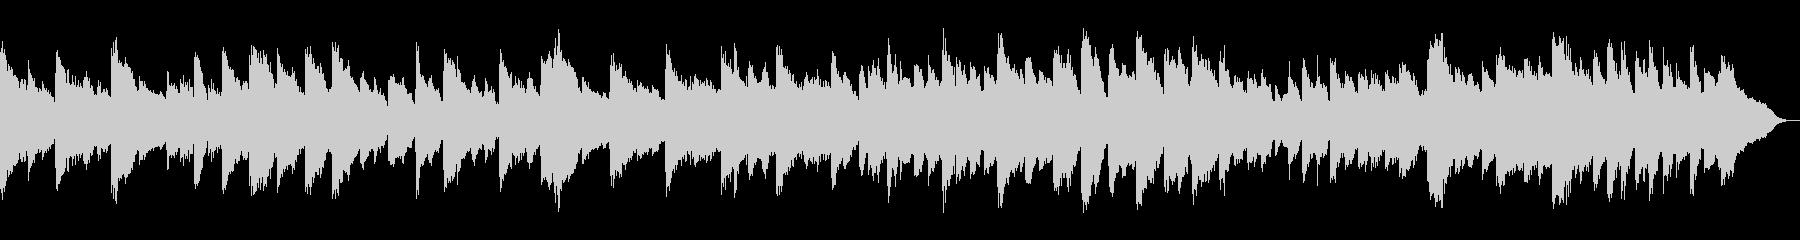 心が安らぐ有名クラシック lofiピアノの未再生の波形